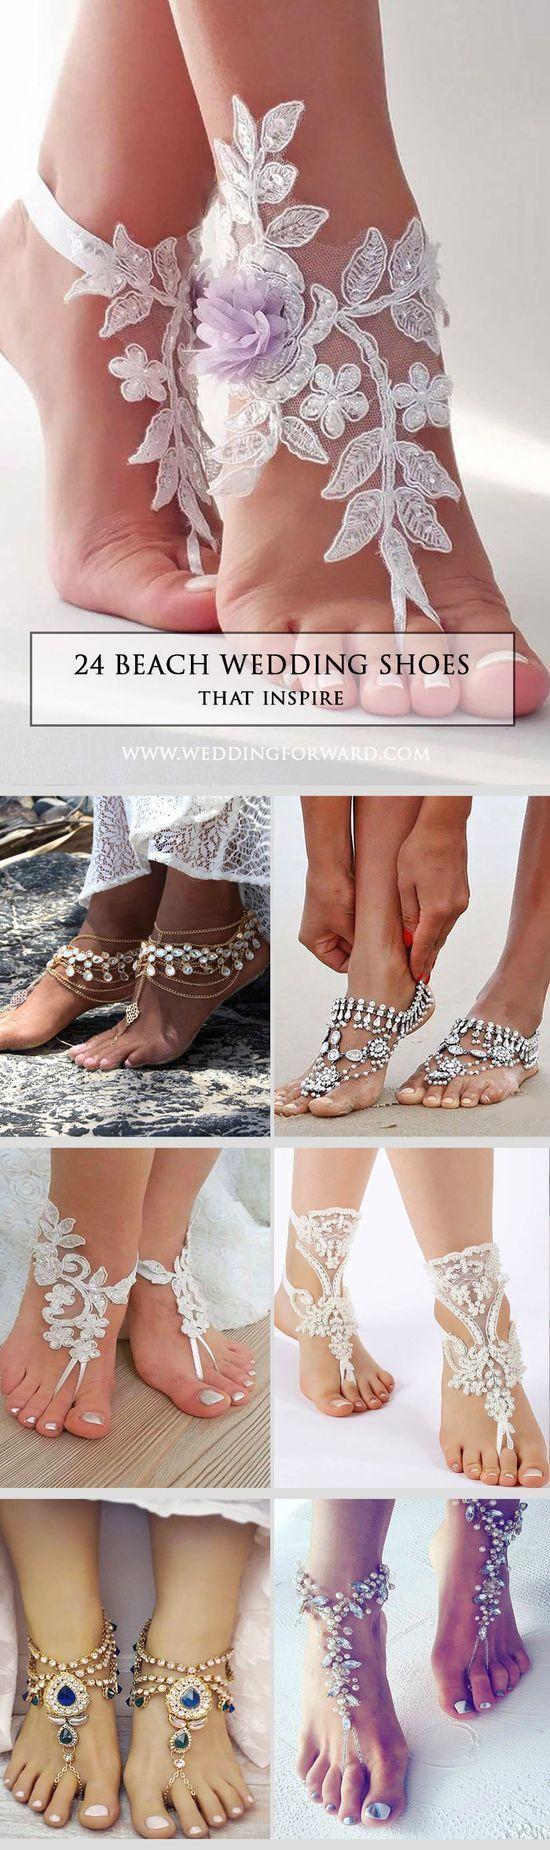 Wedding Ideas Wedding Ideas Brownie brownie young leader uniform